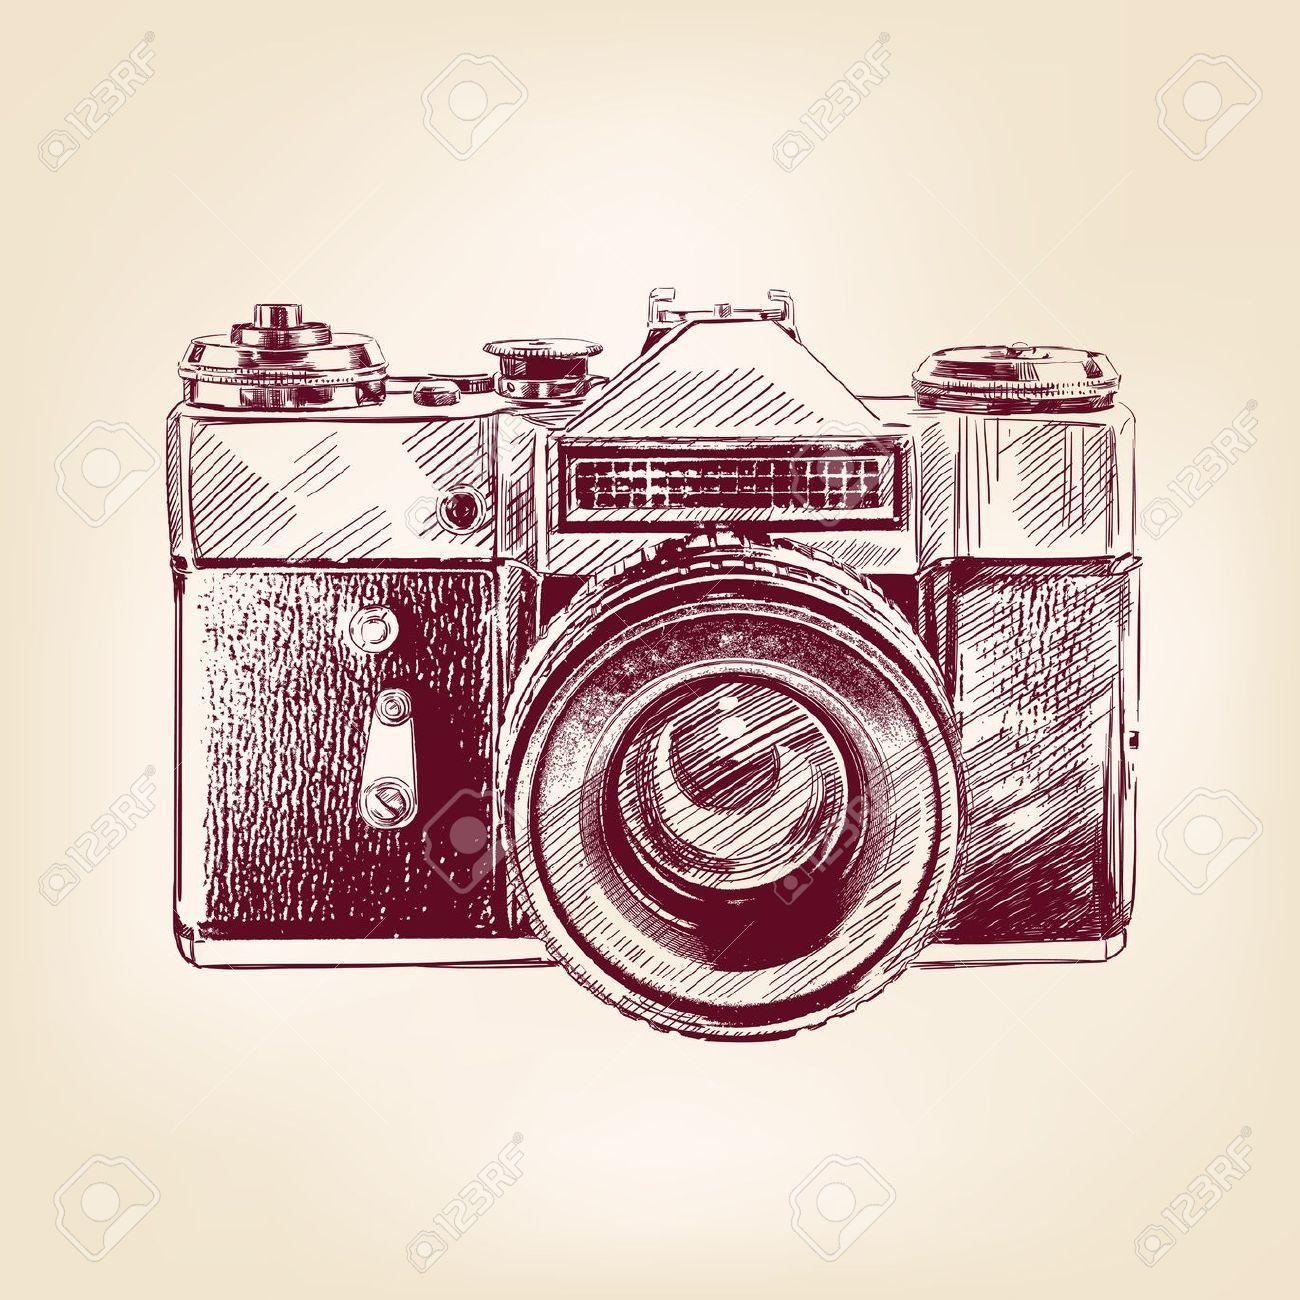 dibujos de camara canon - Buscar con Google | Dibujo | Pinterest ...